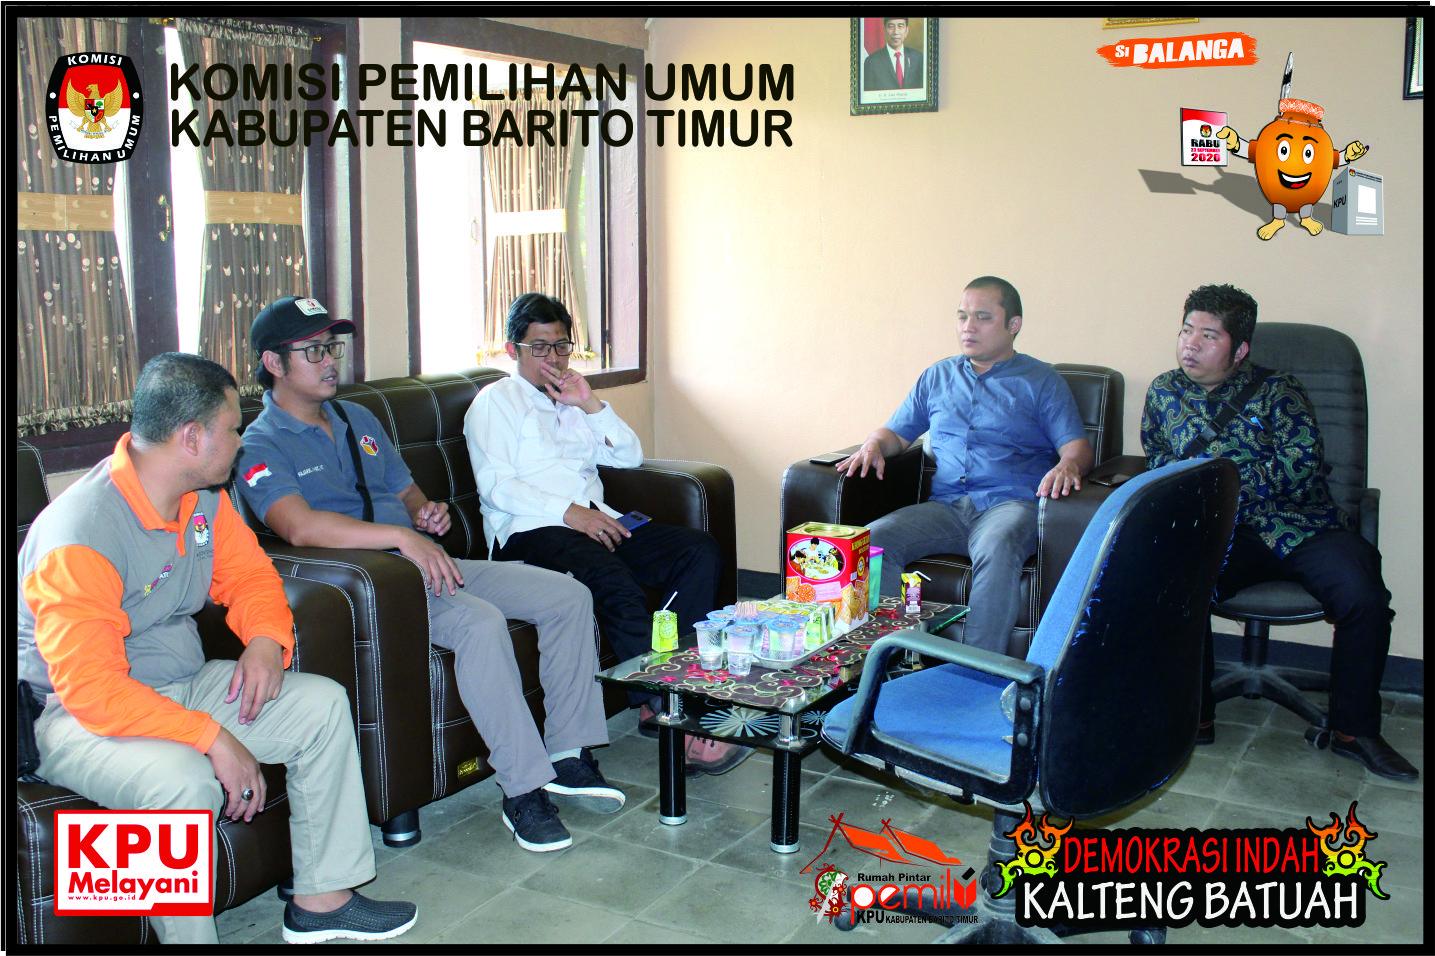 Monitoring Kegiatan Recruitment Calon PPK & Tahapan Wawancara Recruitment Calon PPK Barito Timur